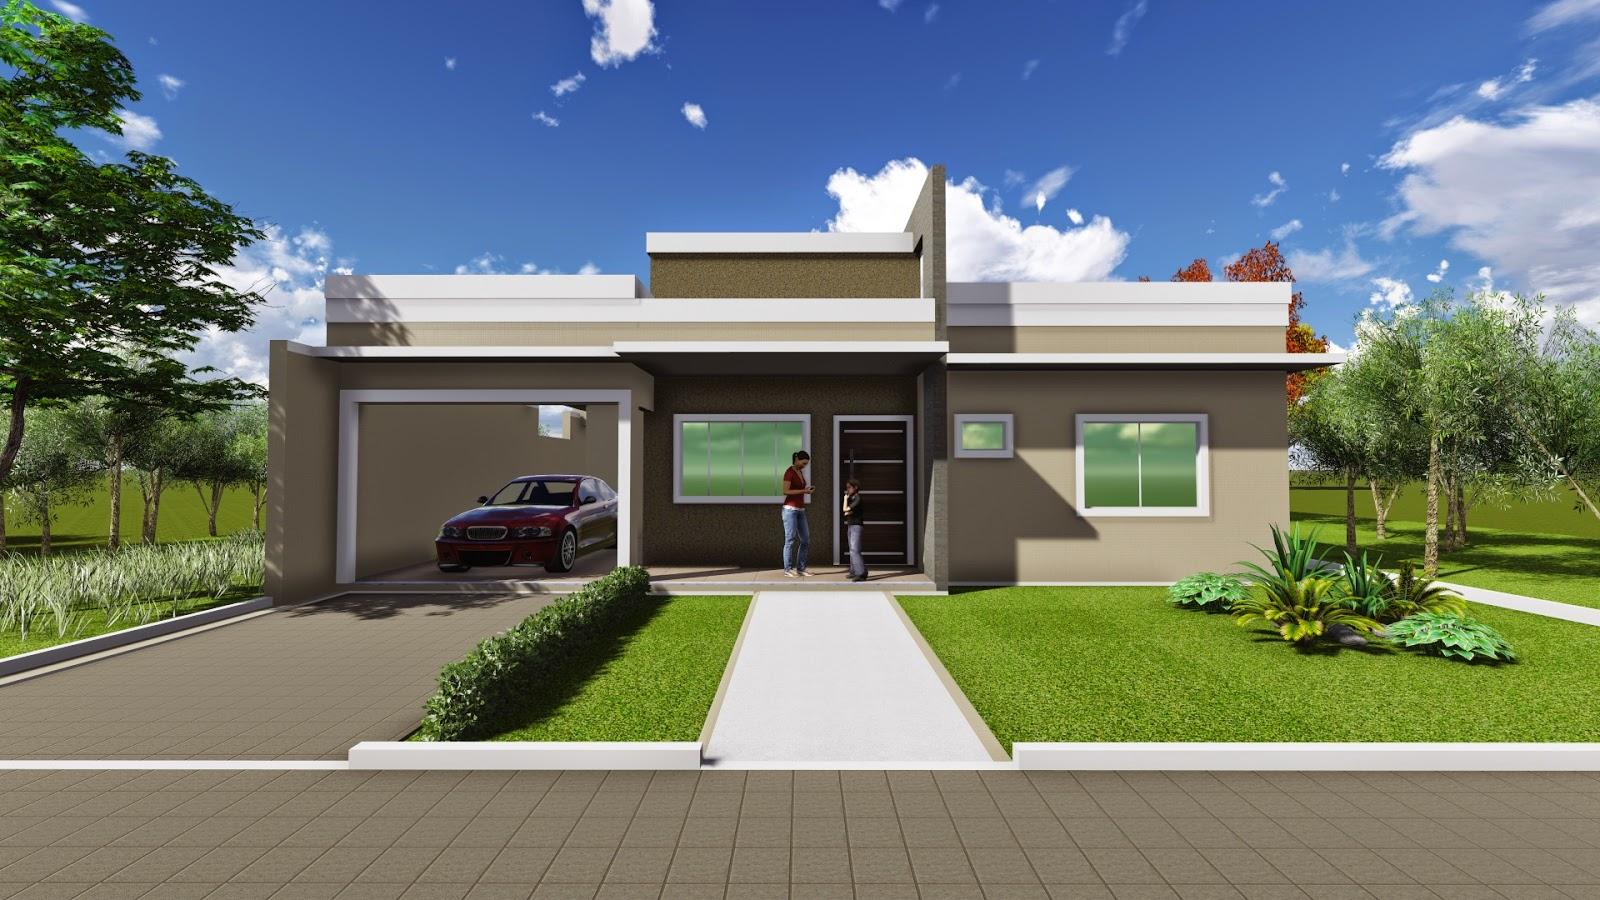 Residencia unifamiliar de pavimento único. Engenheiros e Arquitetos  #6E812D 1600 900